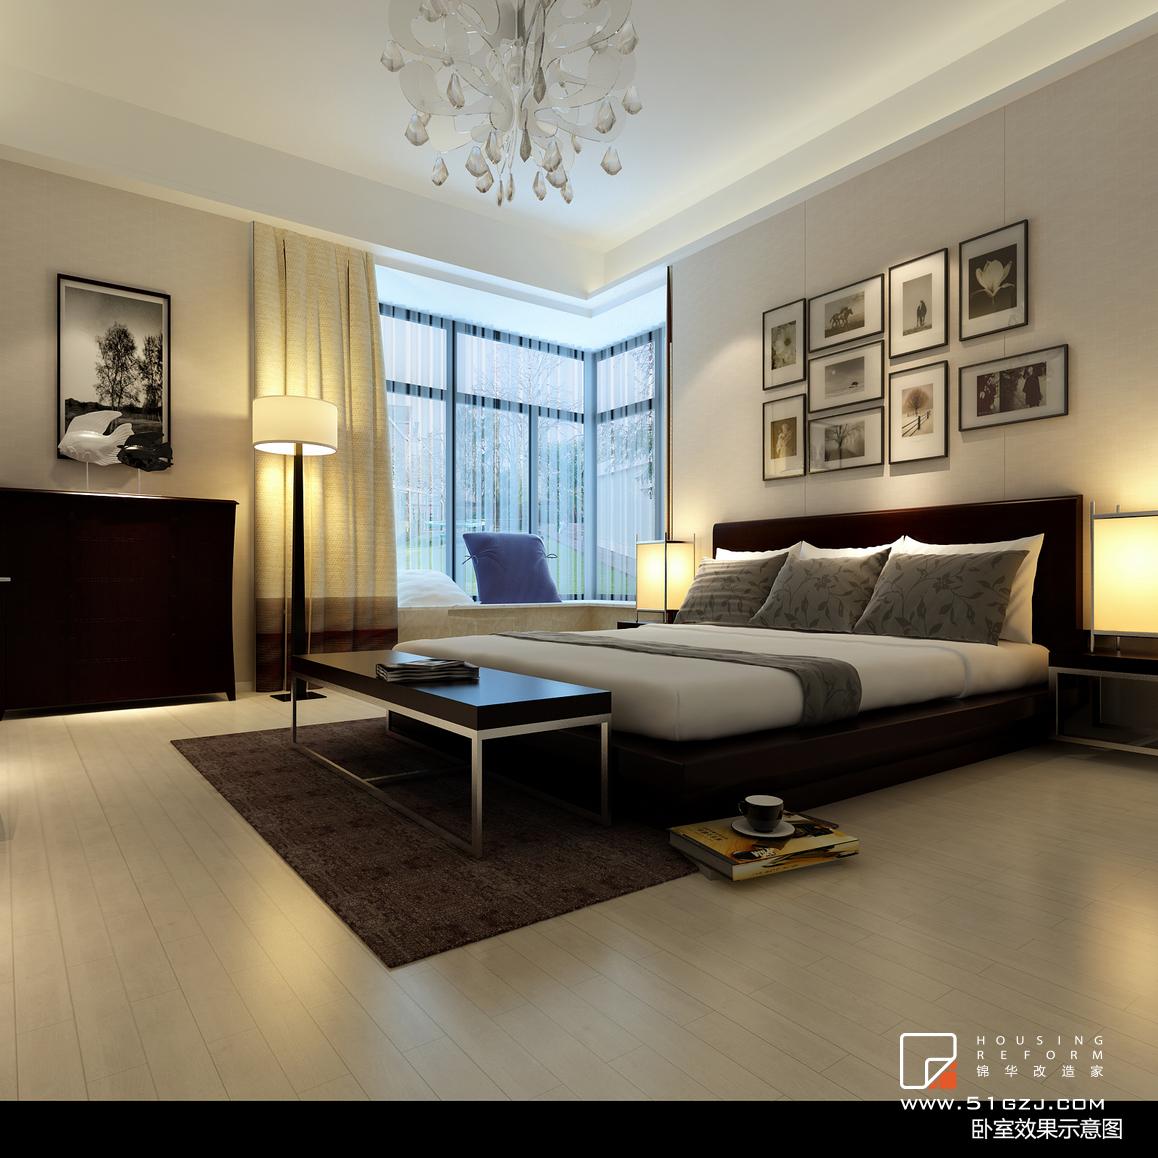 汉府雅苑老房装修-180平米-现代简约装修-大户型-现代简约